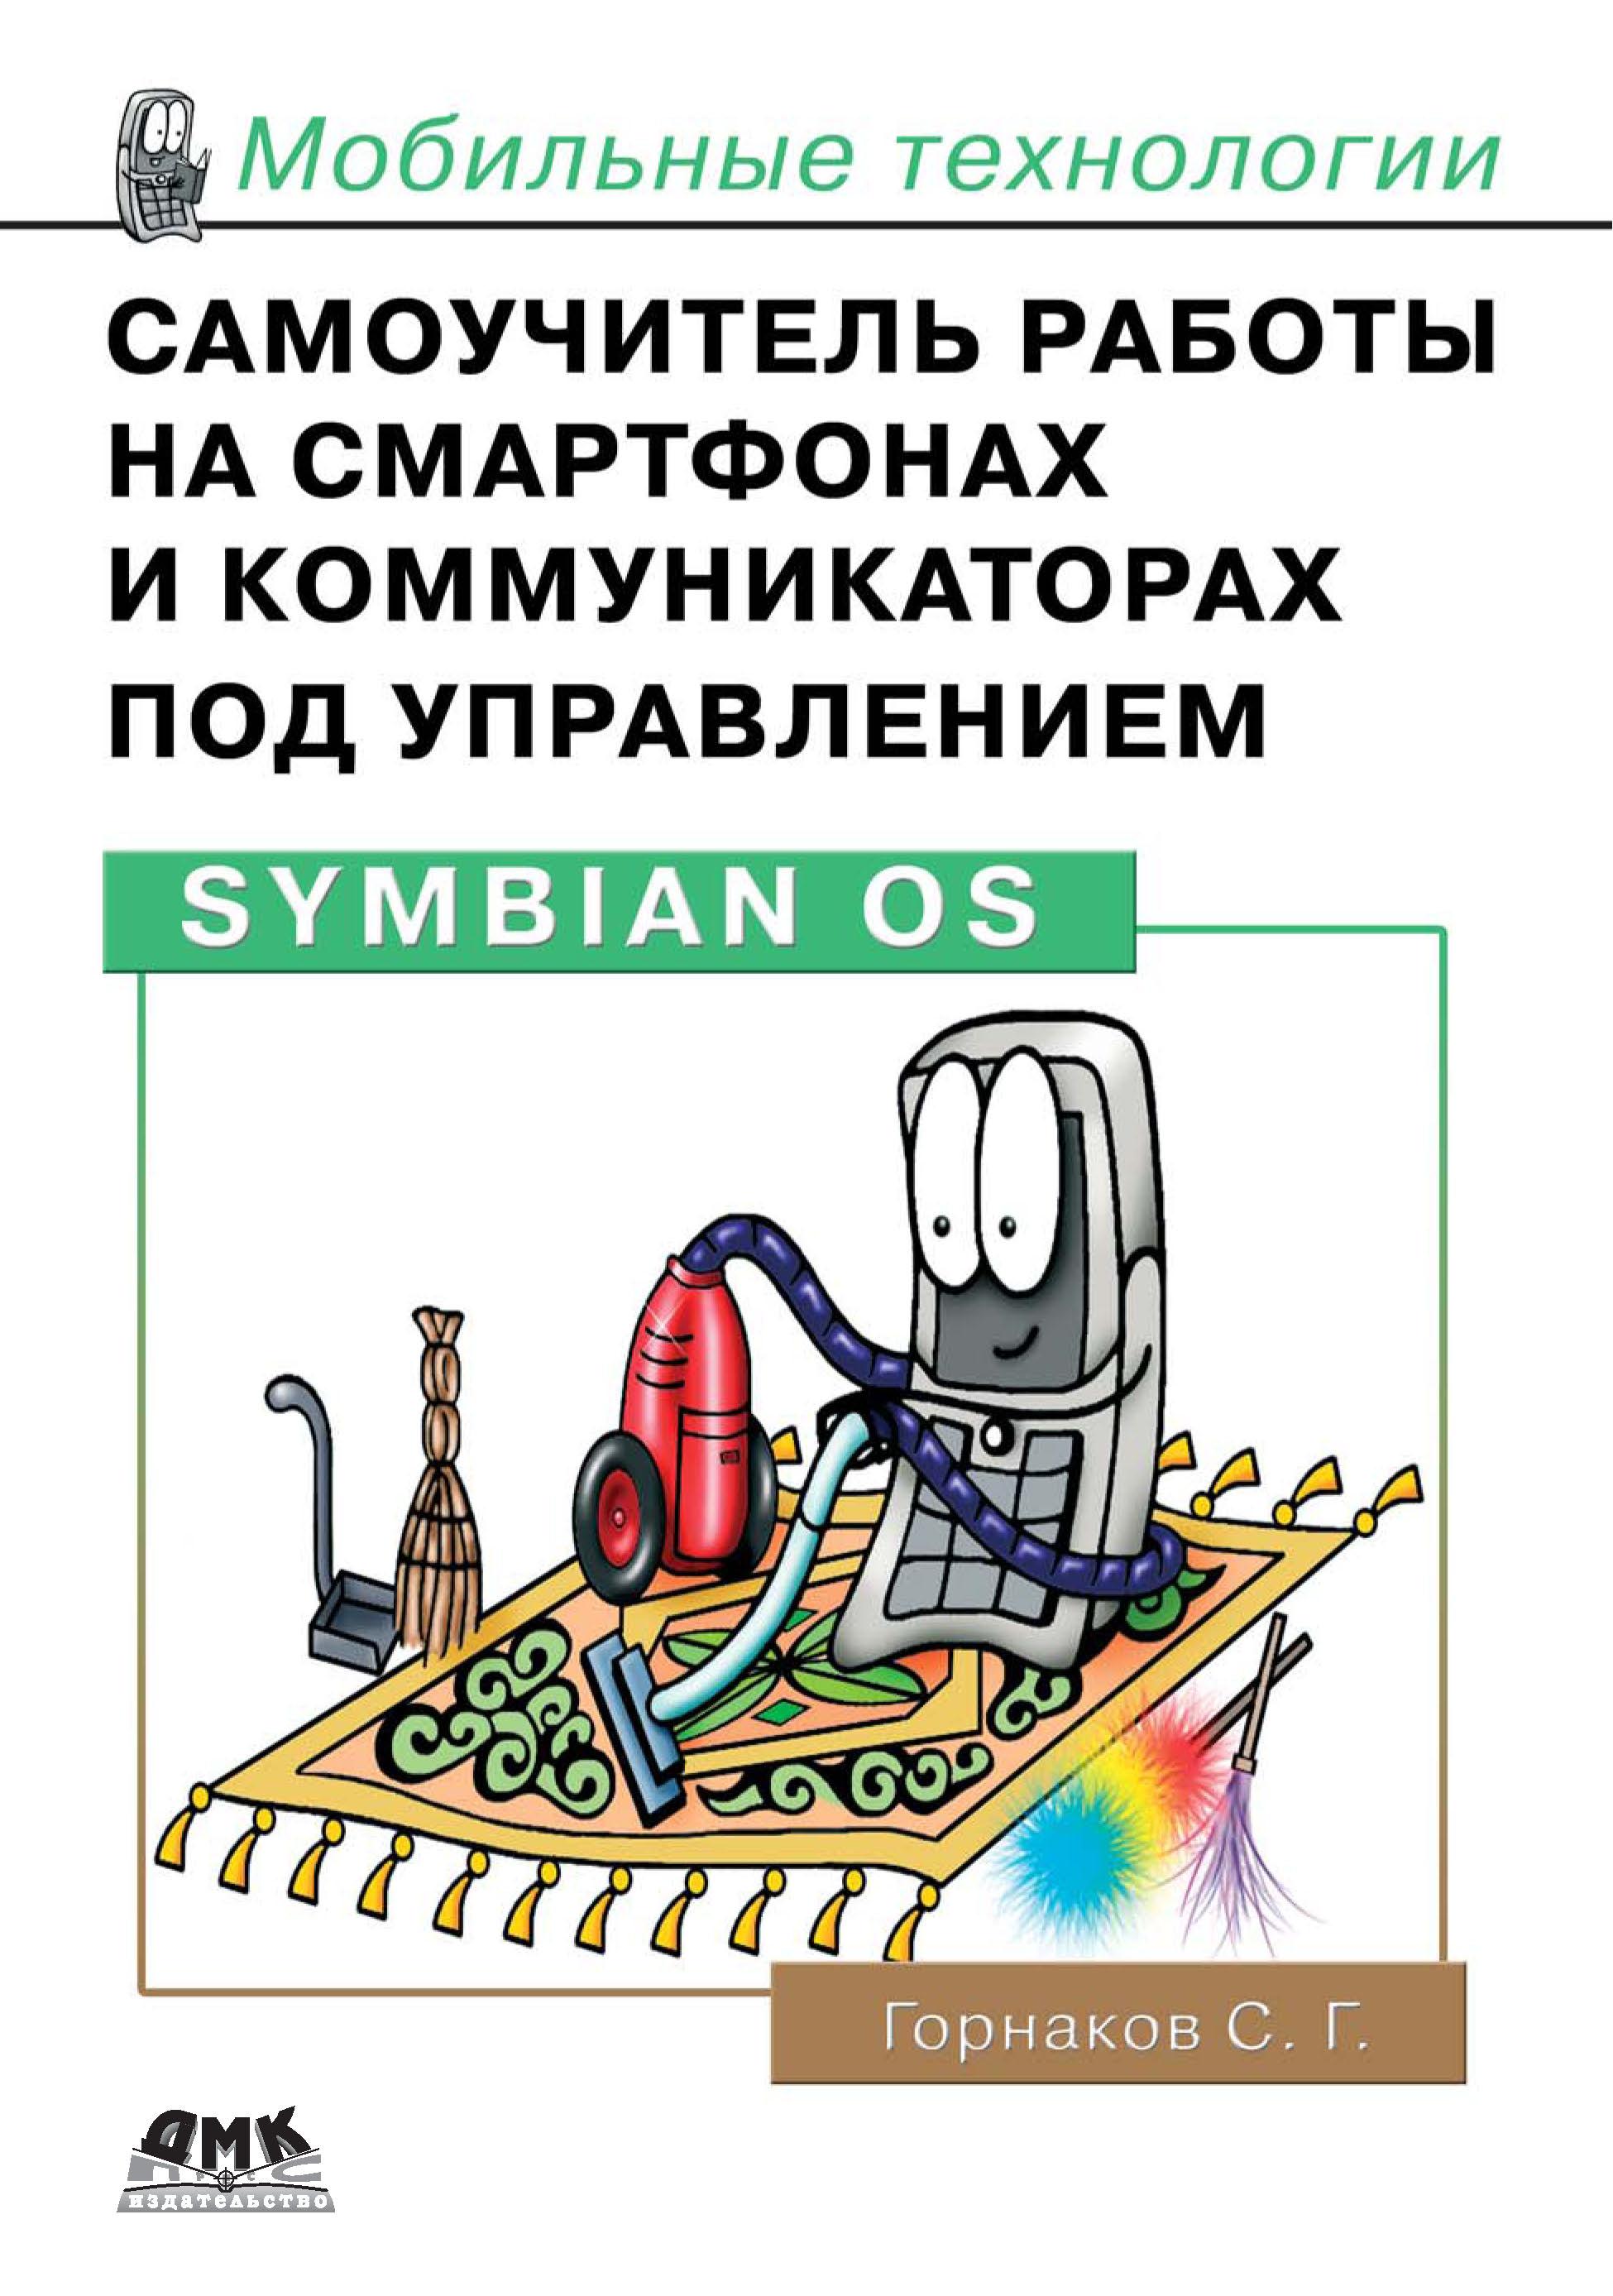 Станислав Горнаков Самоучитель работы на смартфонах и коммуникаторах под управлением Symbian OS